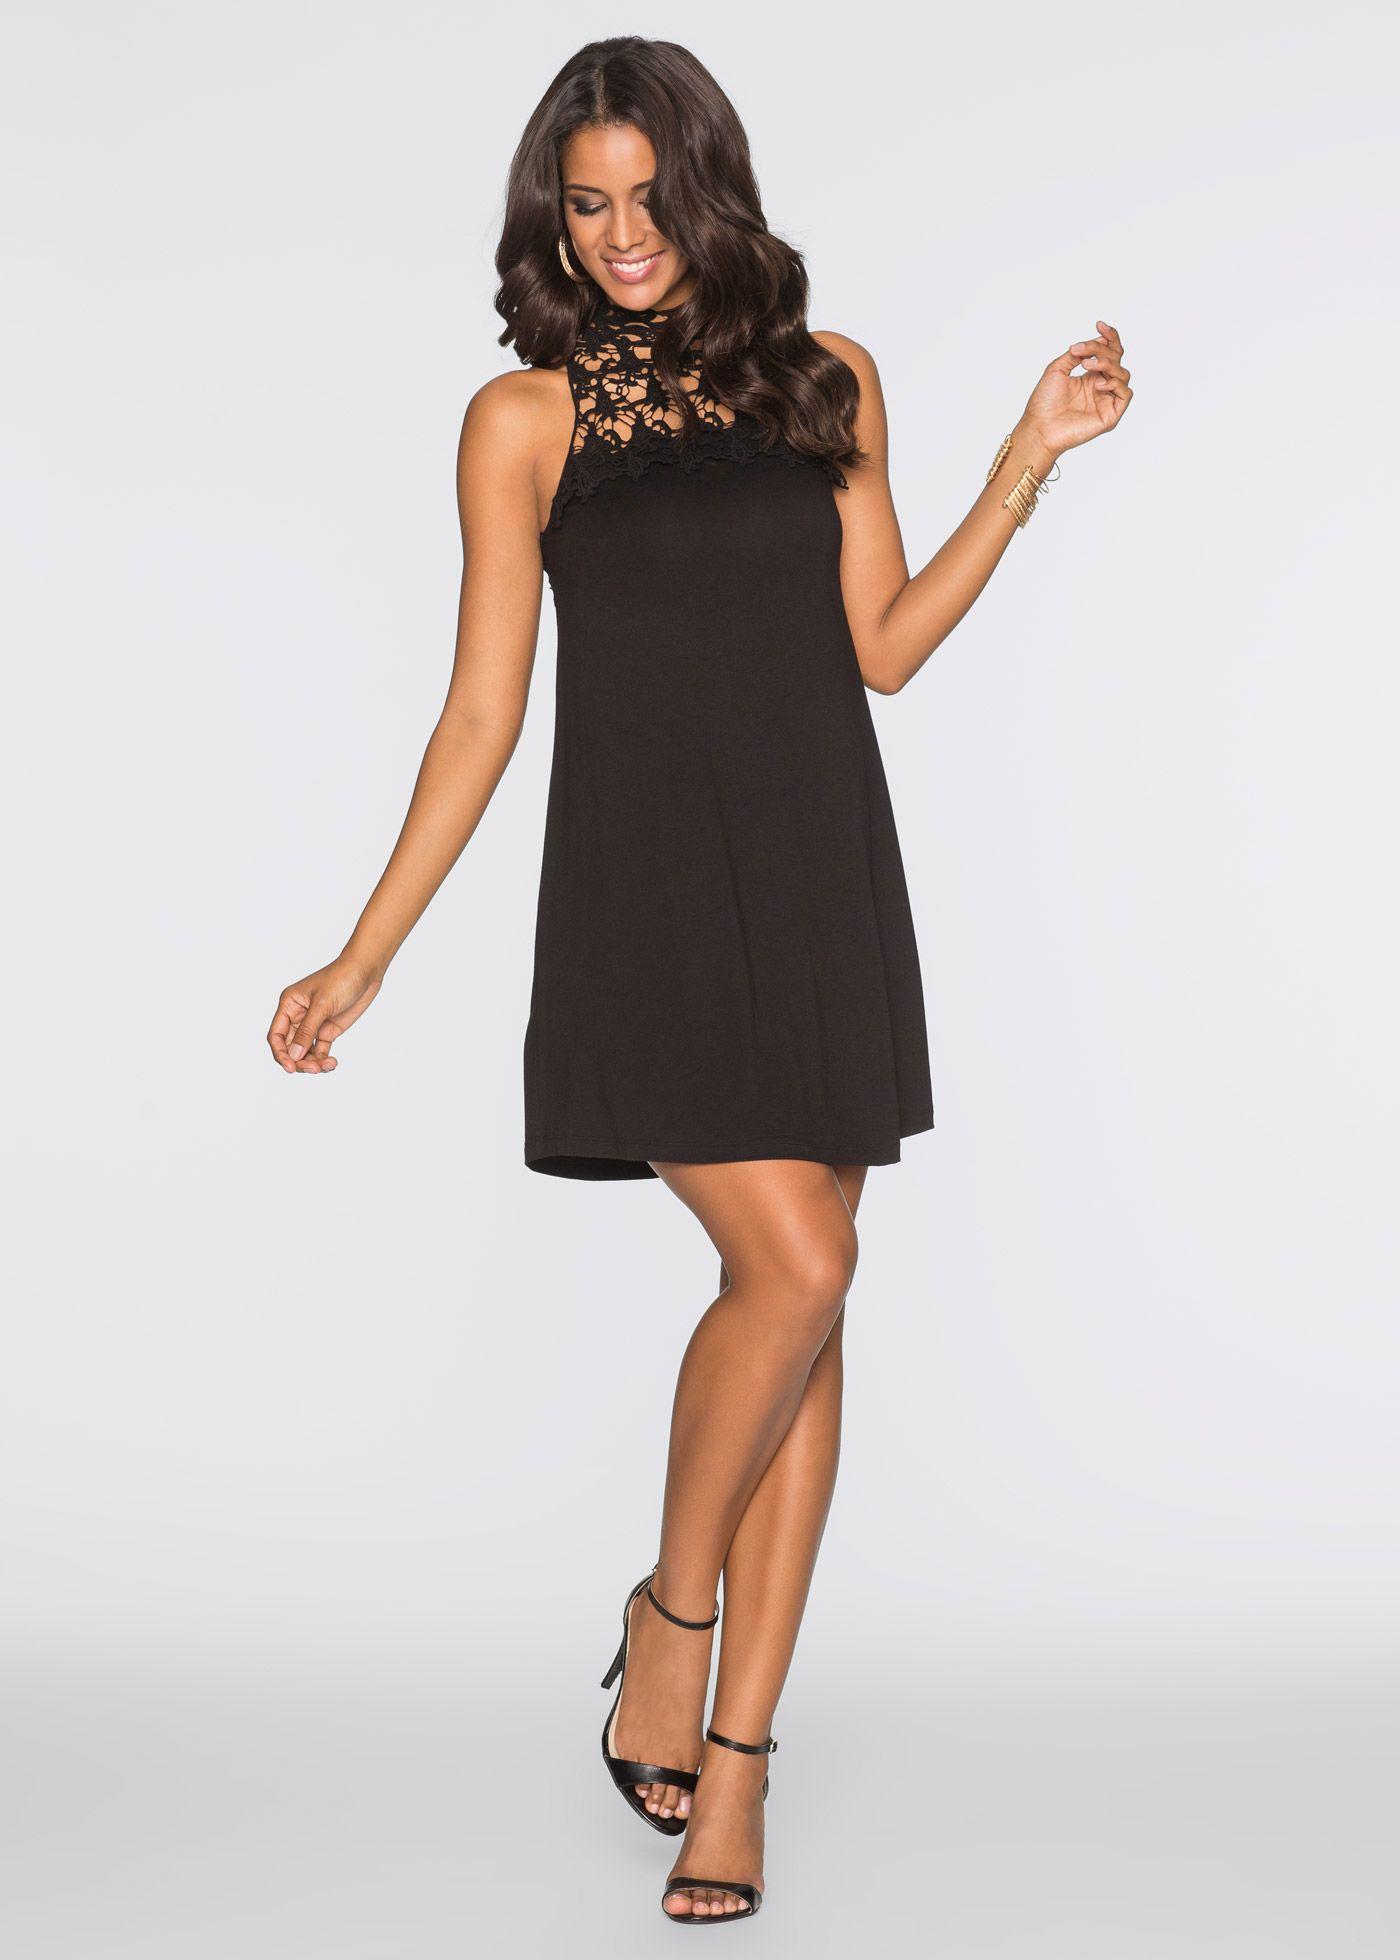 Kleid schwarz - BODYFLIRT boutique jetzt im Online Shop von